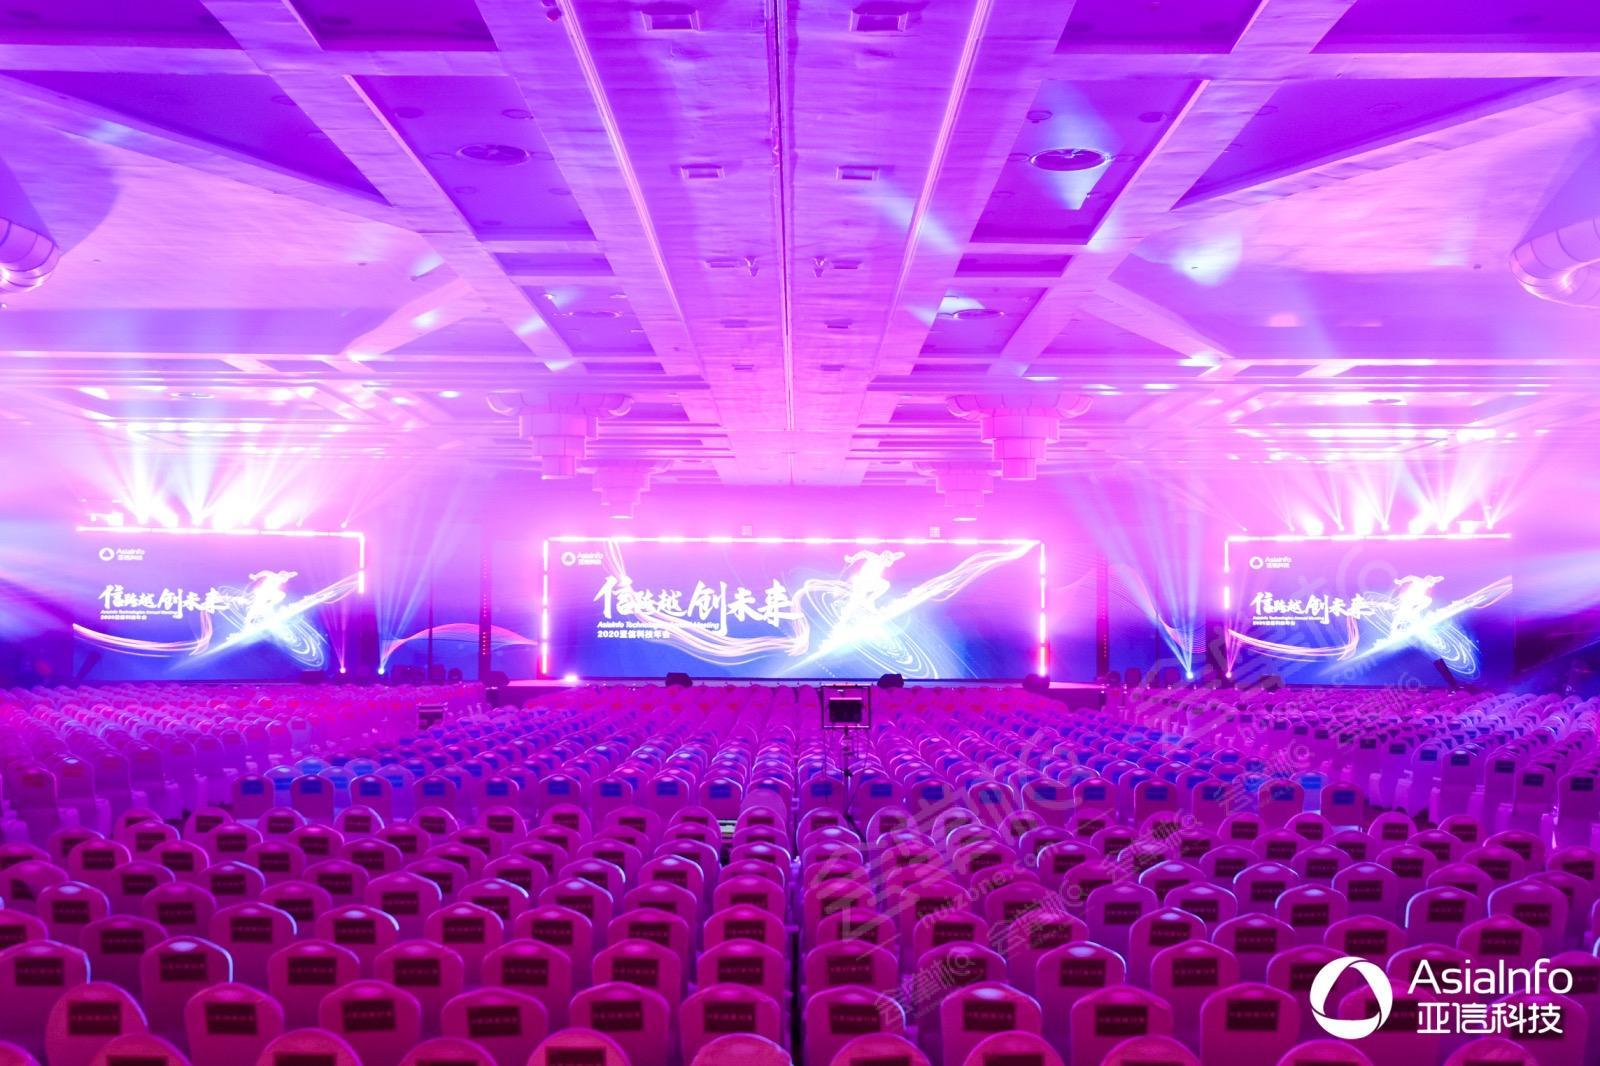 北京九华山庄动态:2020年亚信科技年会,4000平的大宴会厅,最大可容纳30